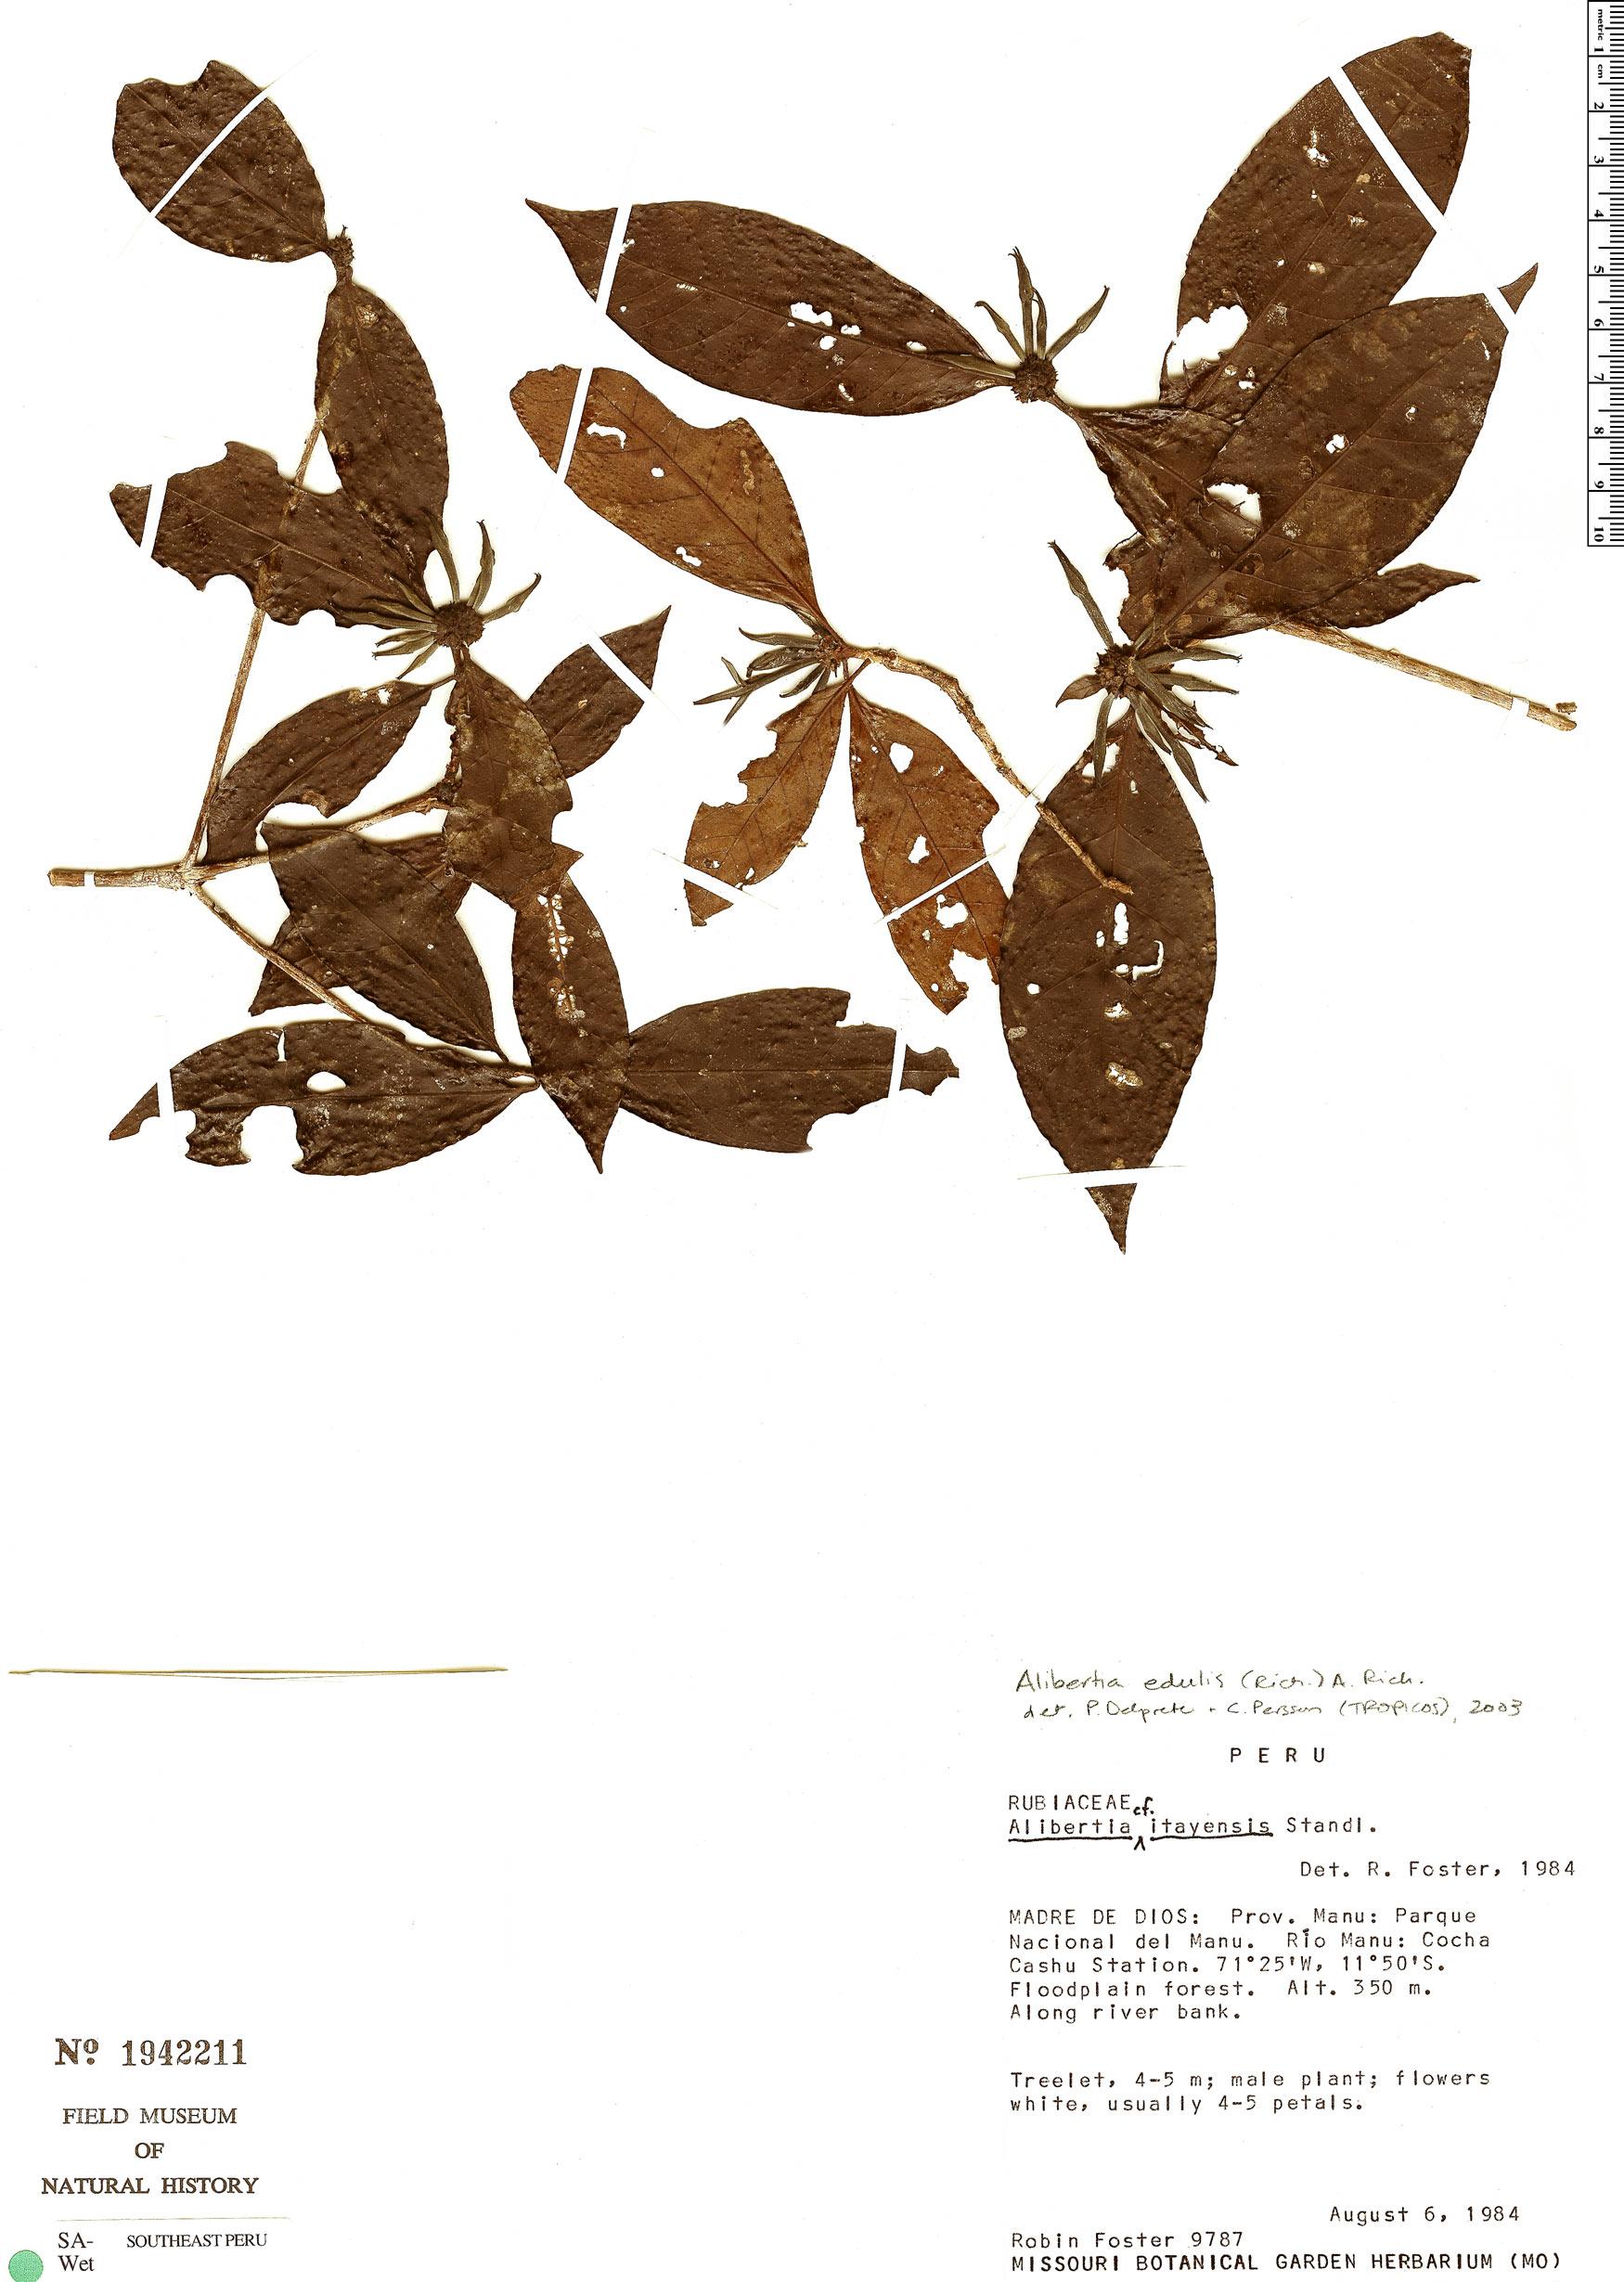 Specimen: Alibertia edulis